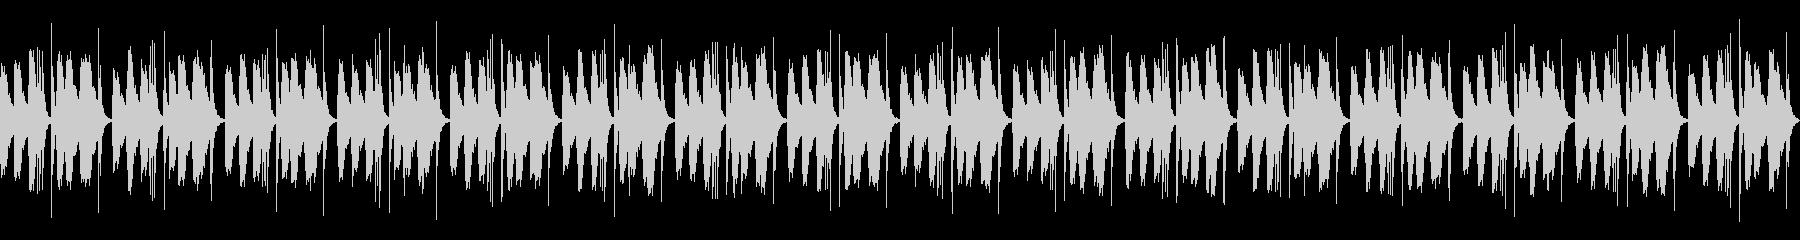 [和太鼓二重奏]盆踊りの大太鼓01の未再生の波形